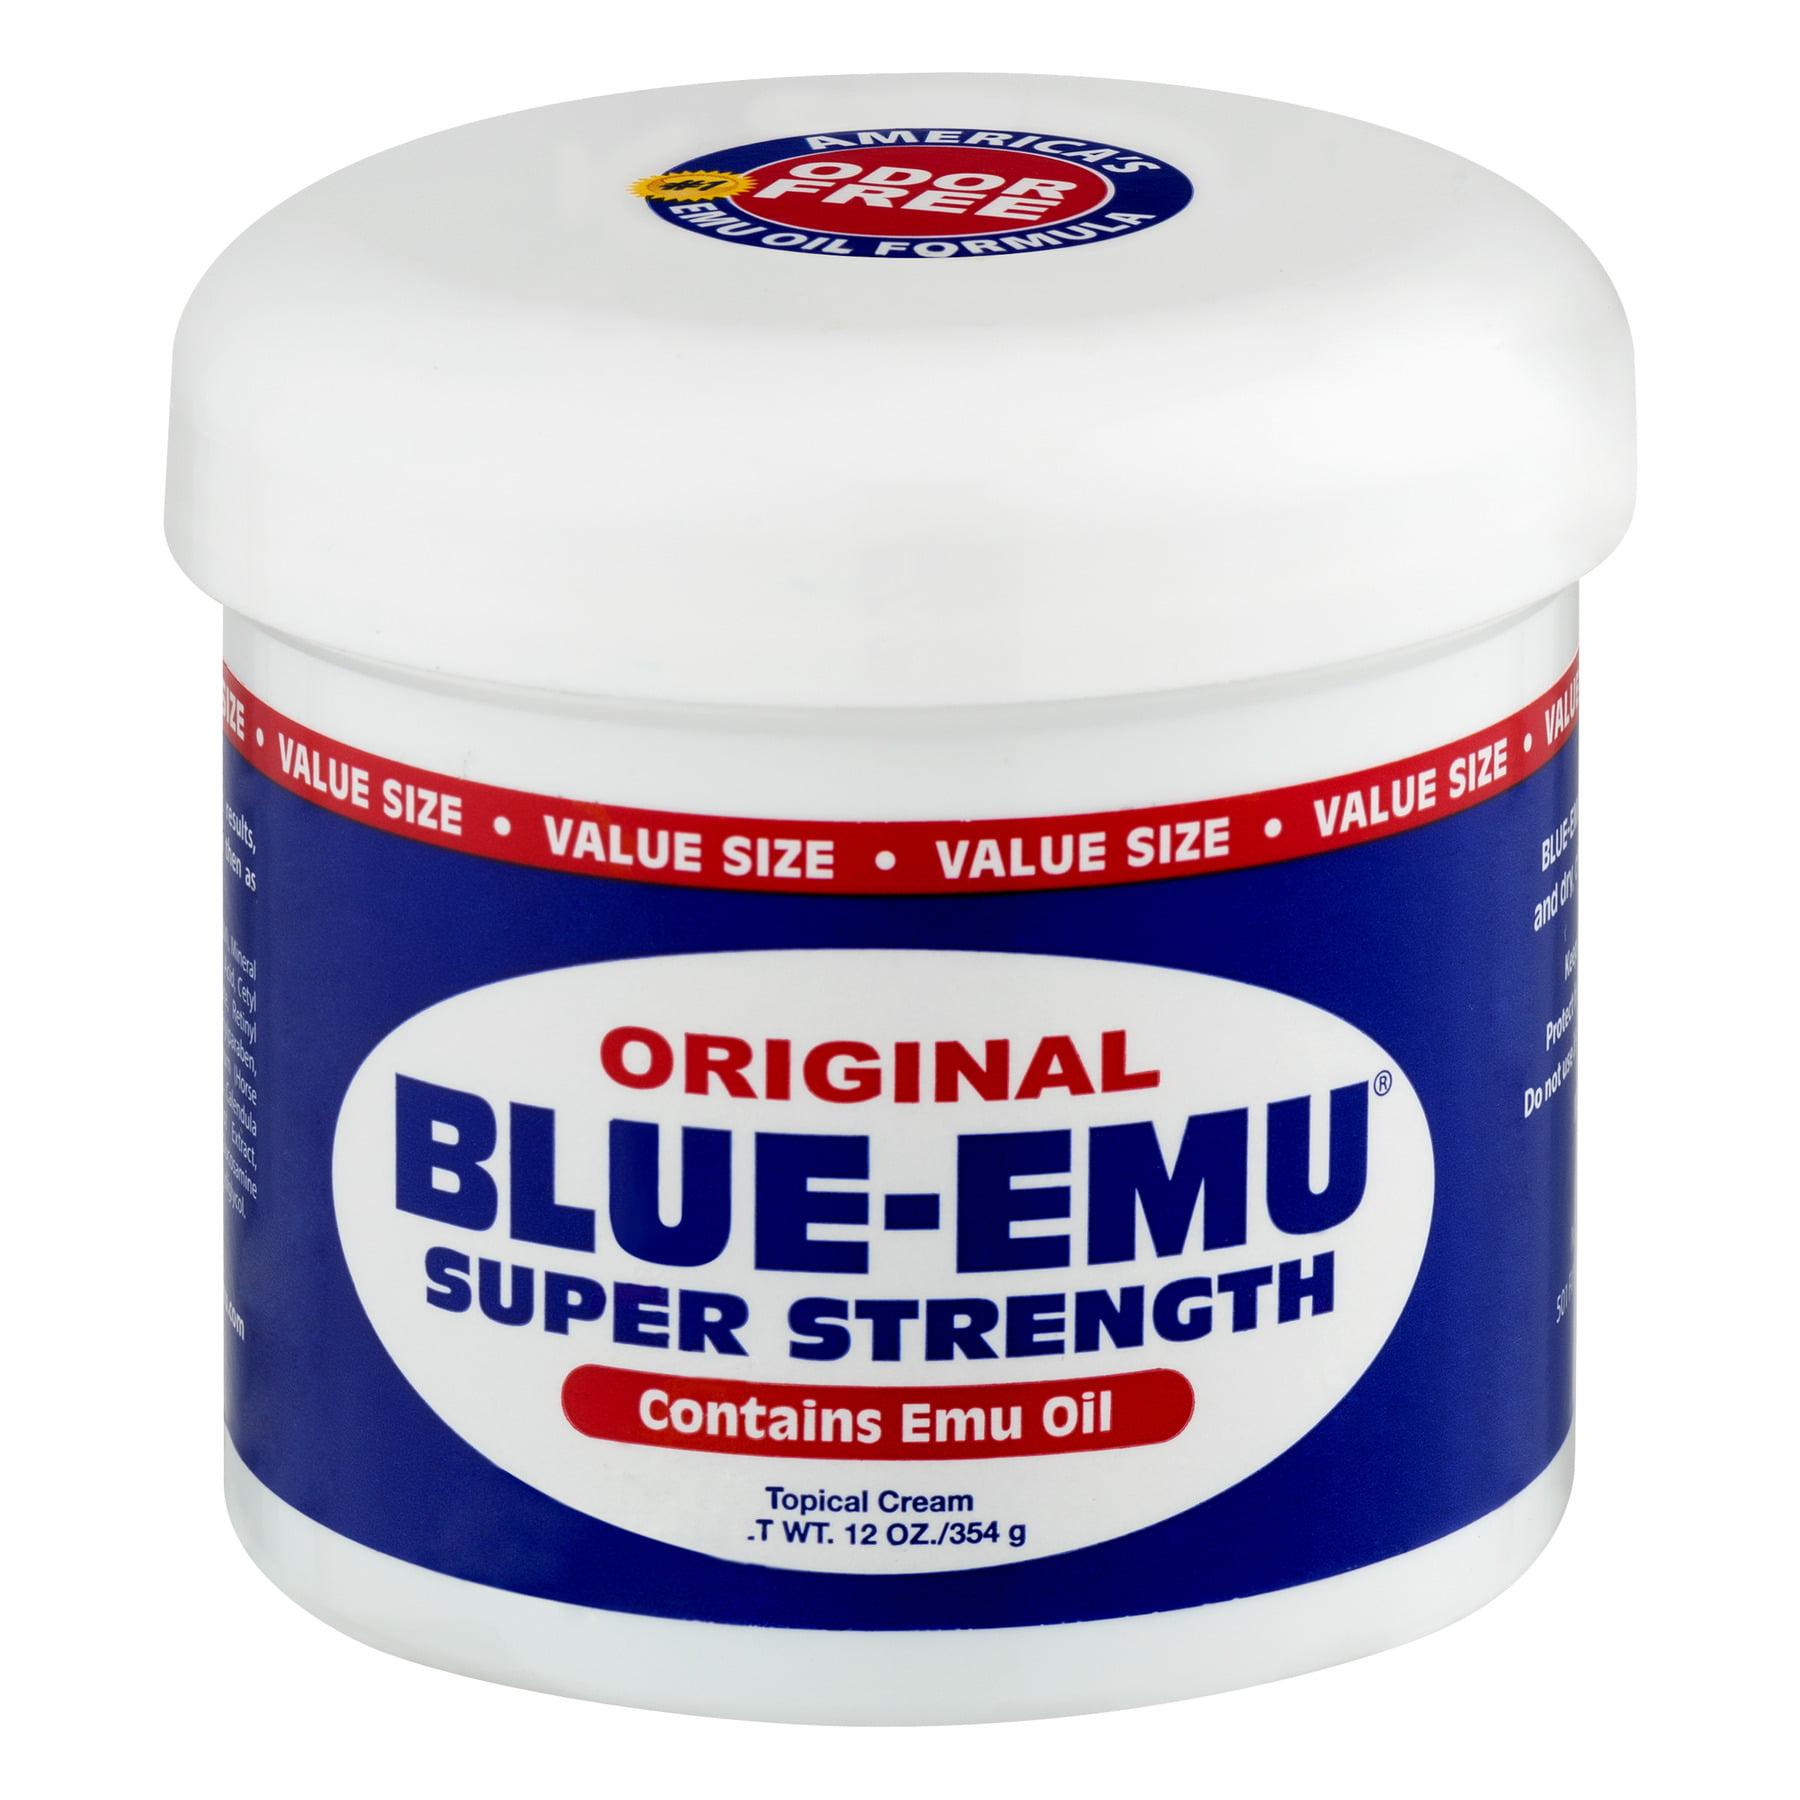 Blue-Emu Super Strength Topical Cream, 12 oz